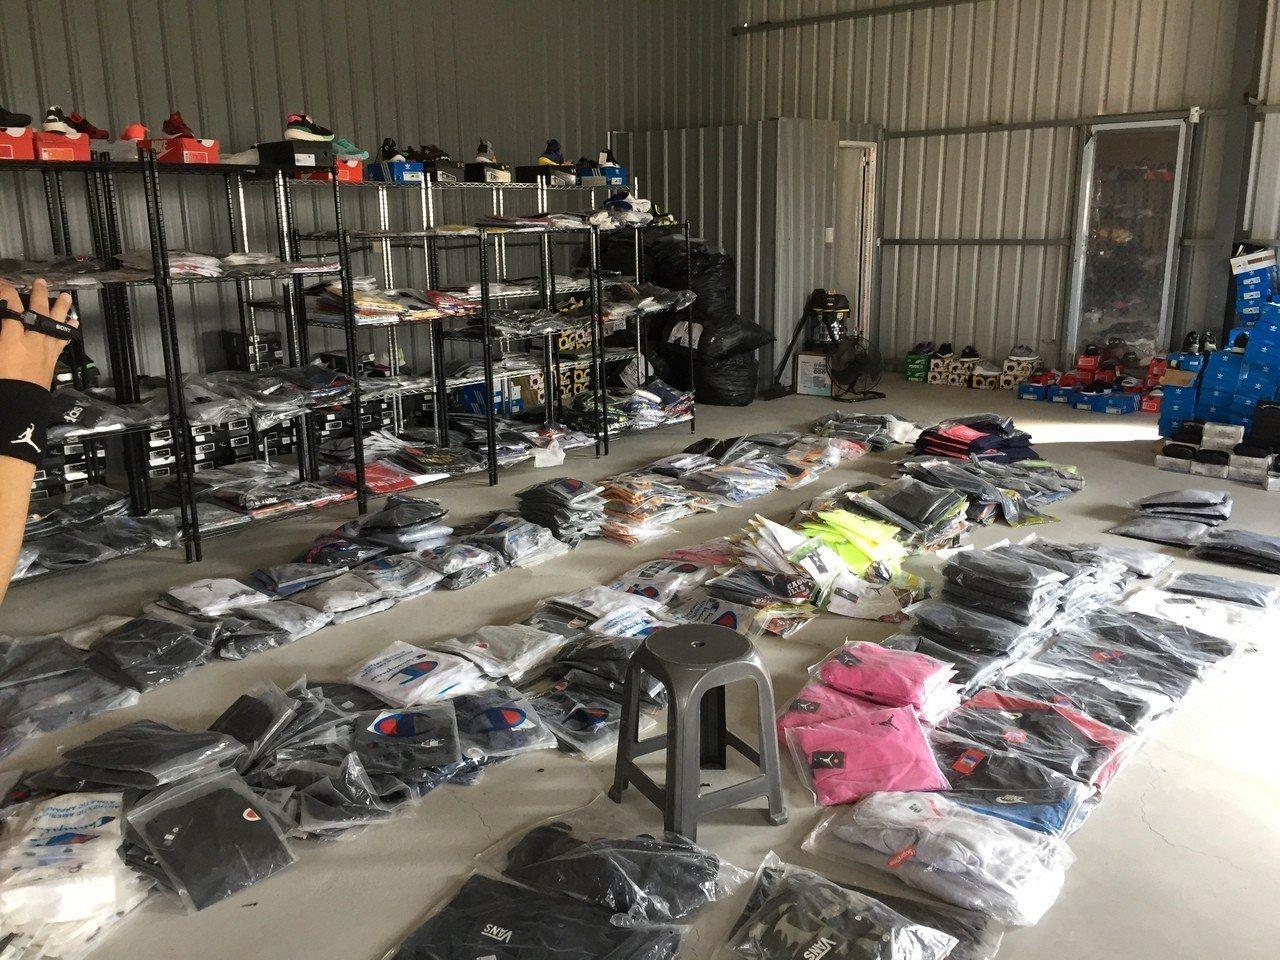 郭男夫婦下單向大陸製造工廠訂購仿冒阿迪達斯、彪馬、耐吉等名牌服飾,在臉書成立55...